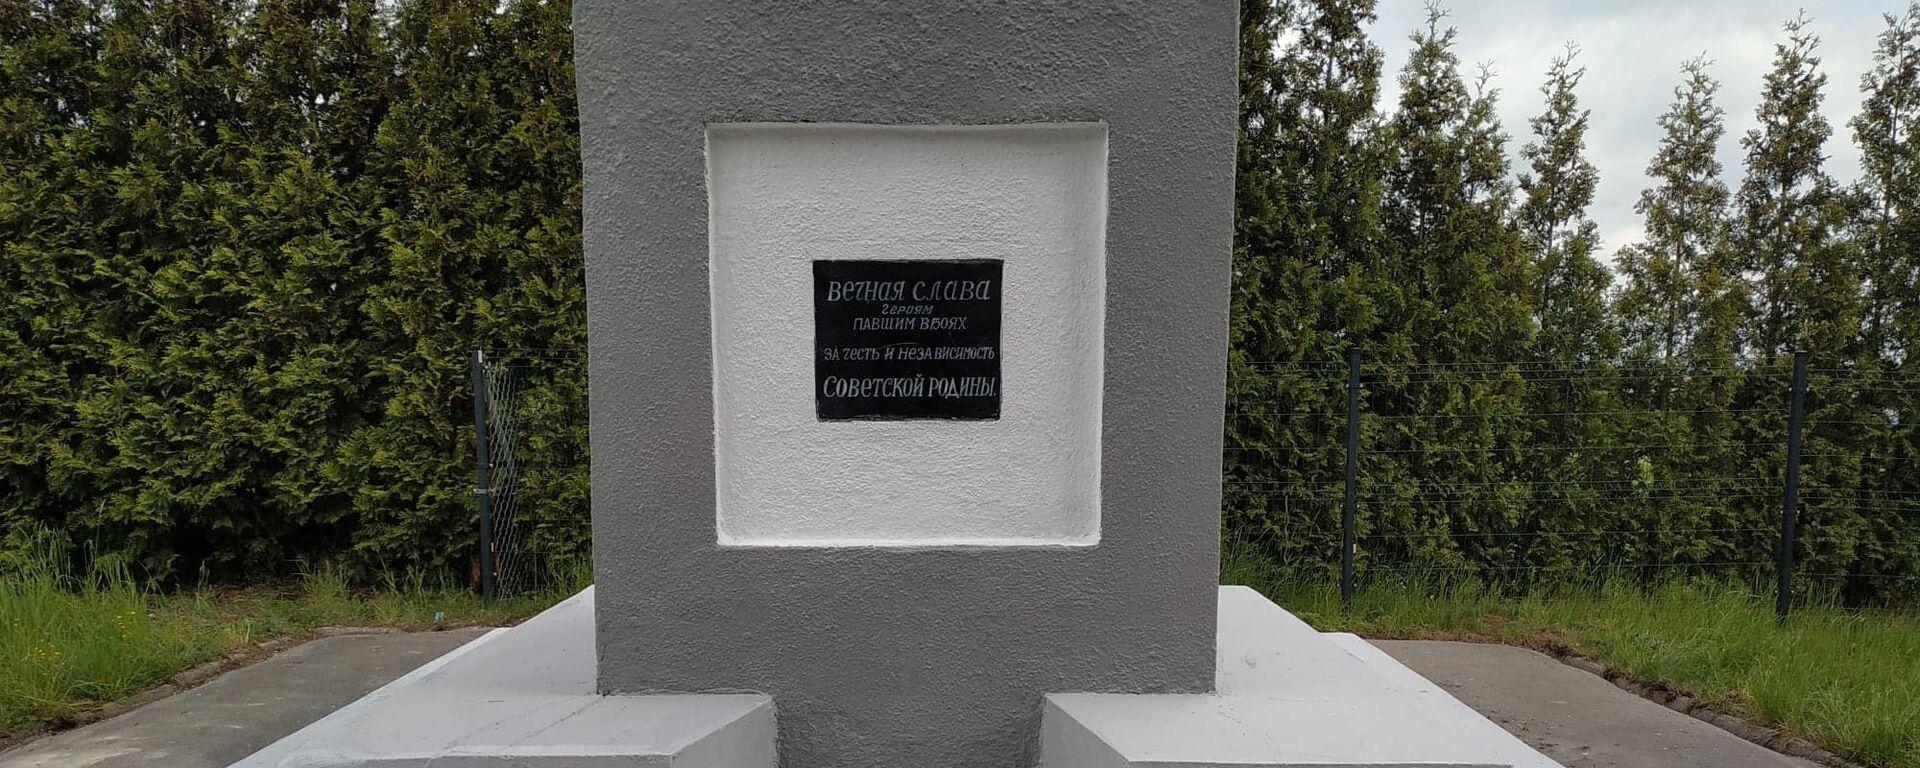 """""""Kursk"""" odbudowuje pomniki radzieckich żołnierzy w Polsce, maj 2020 roku. - Sputnik Polska, 1920, 08.05.2020"""